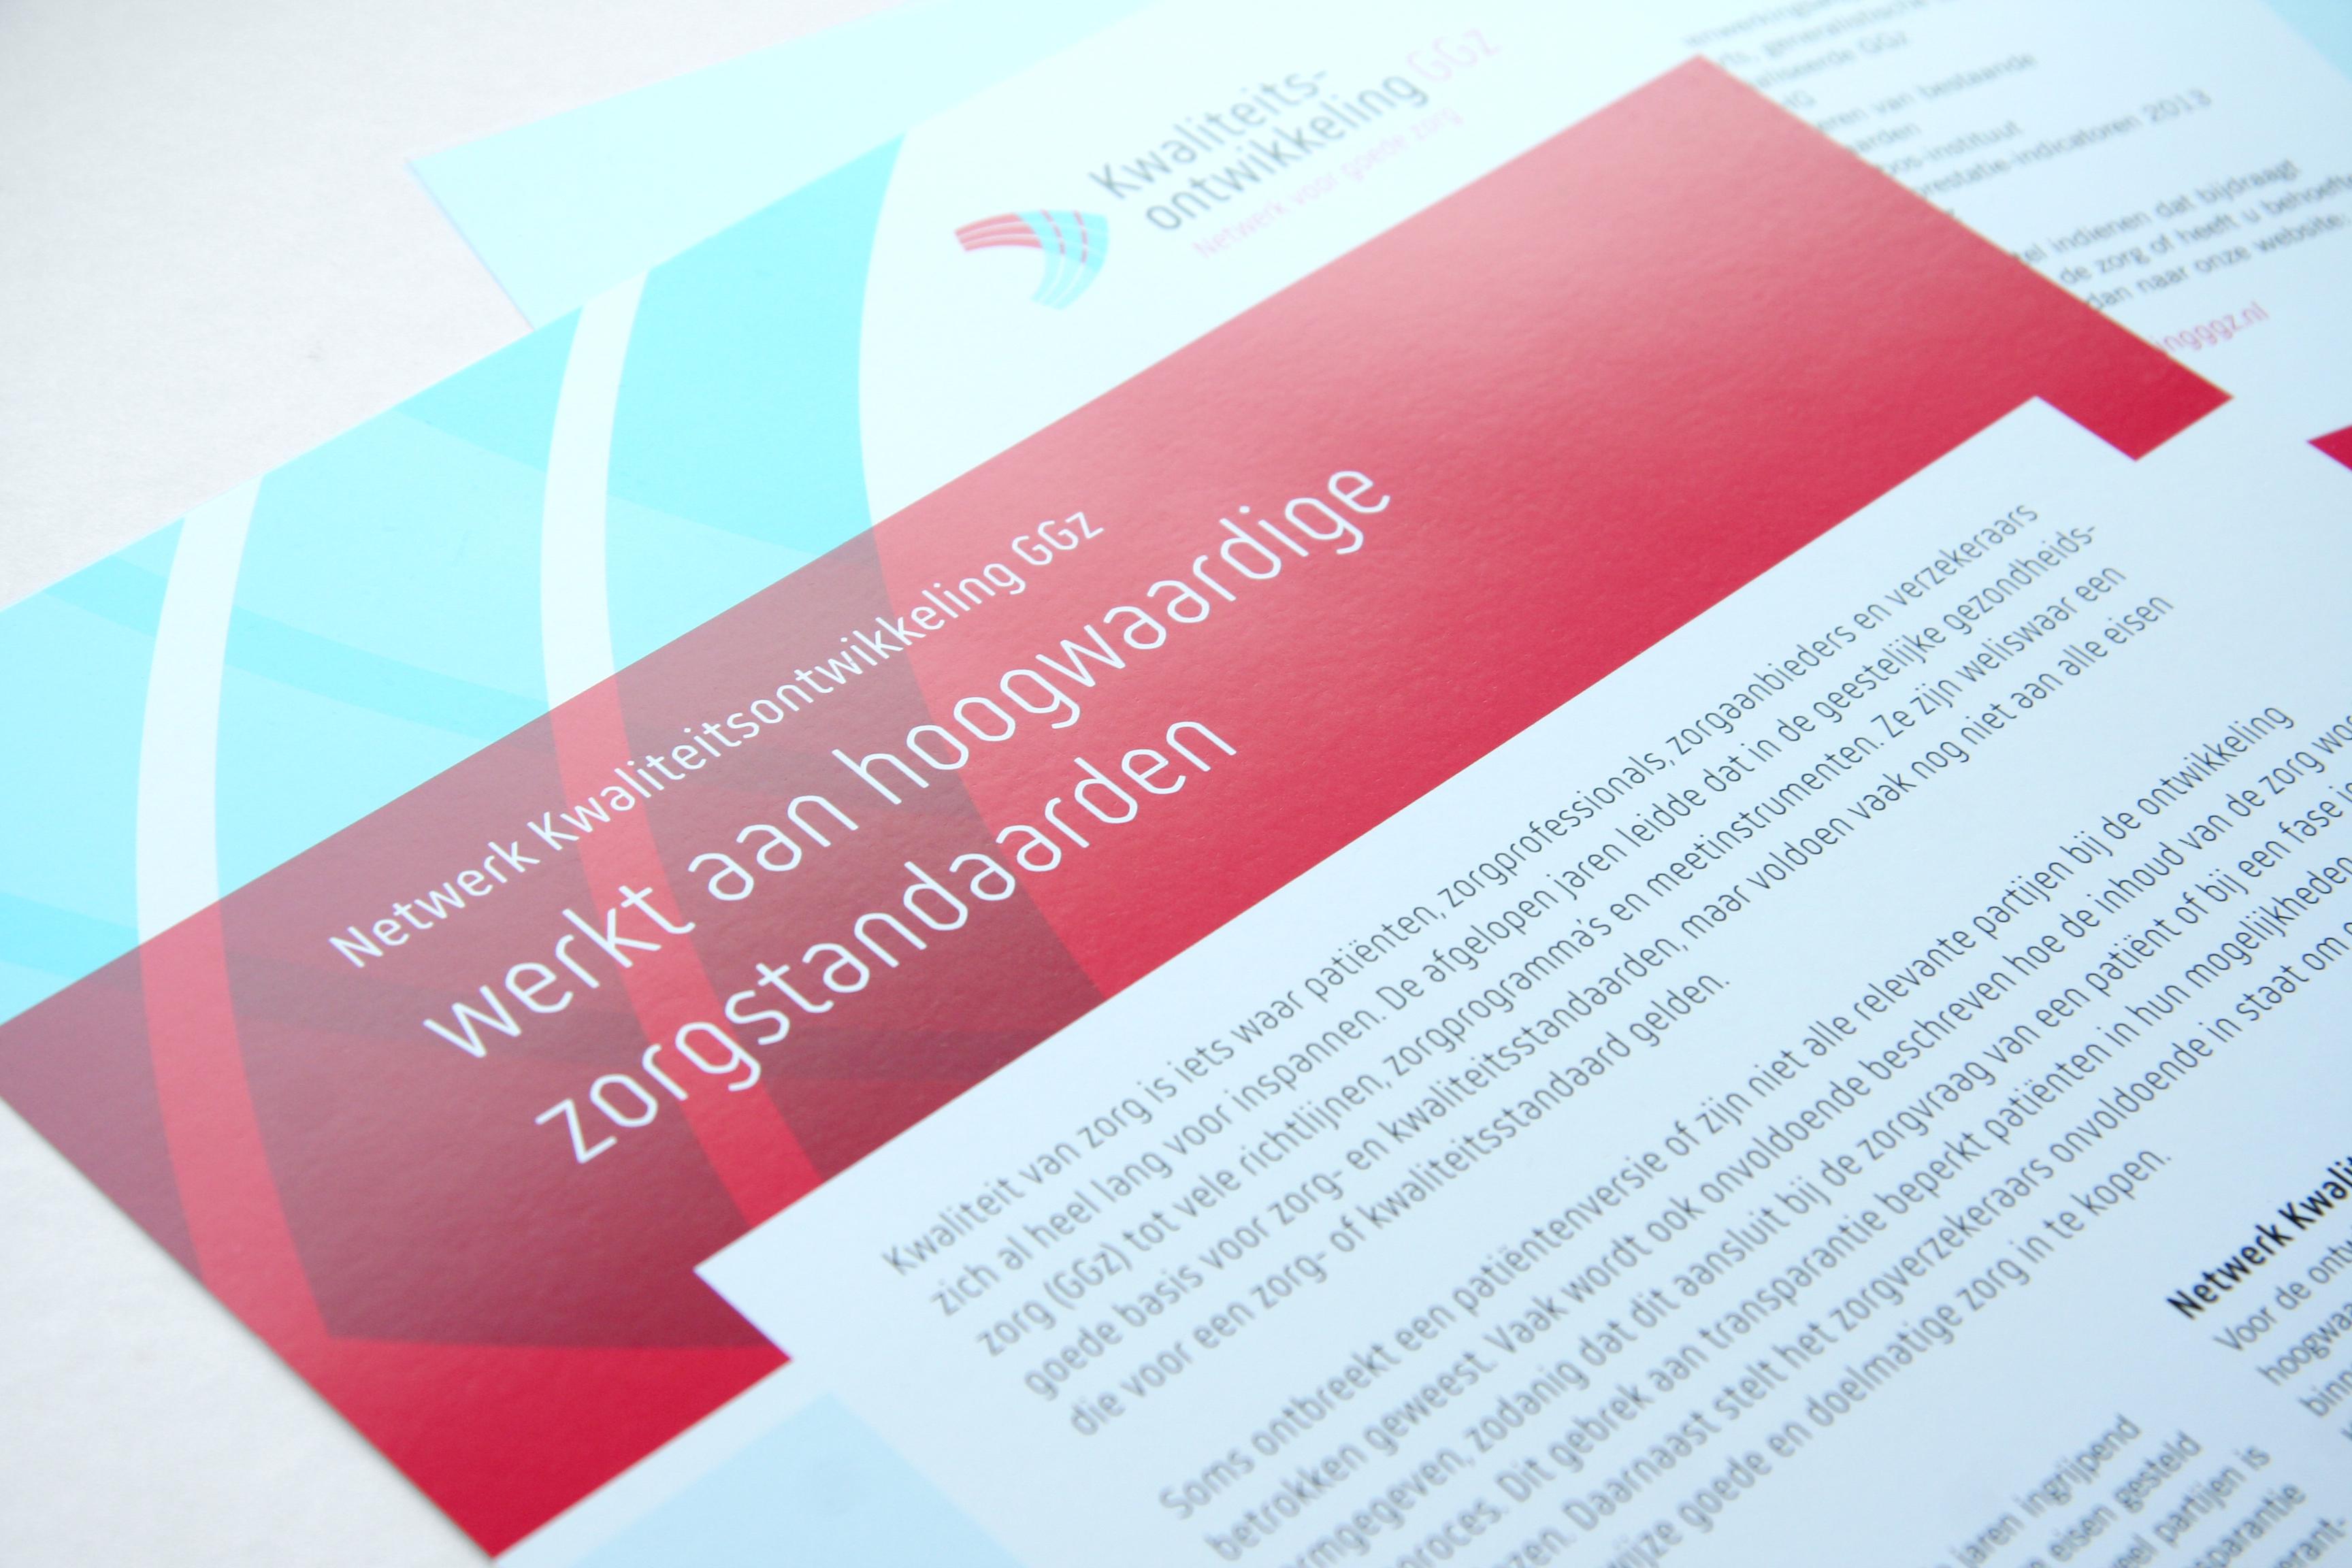 Voorbeeld ontwerp leaflet Kwaliteitsontwikkeling GGz